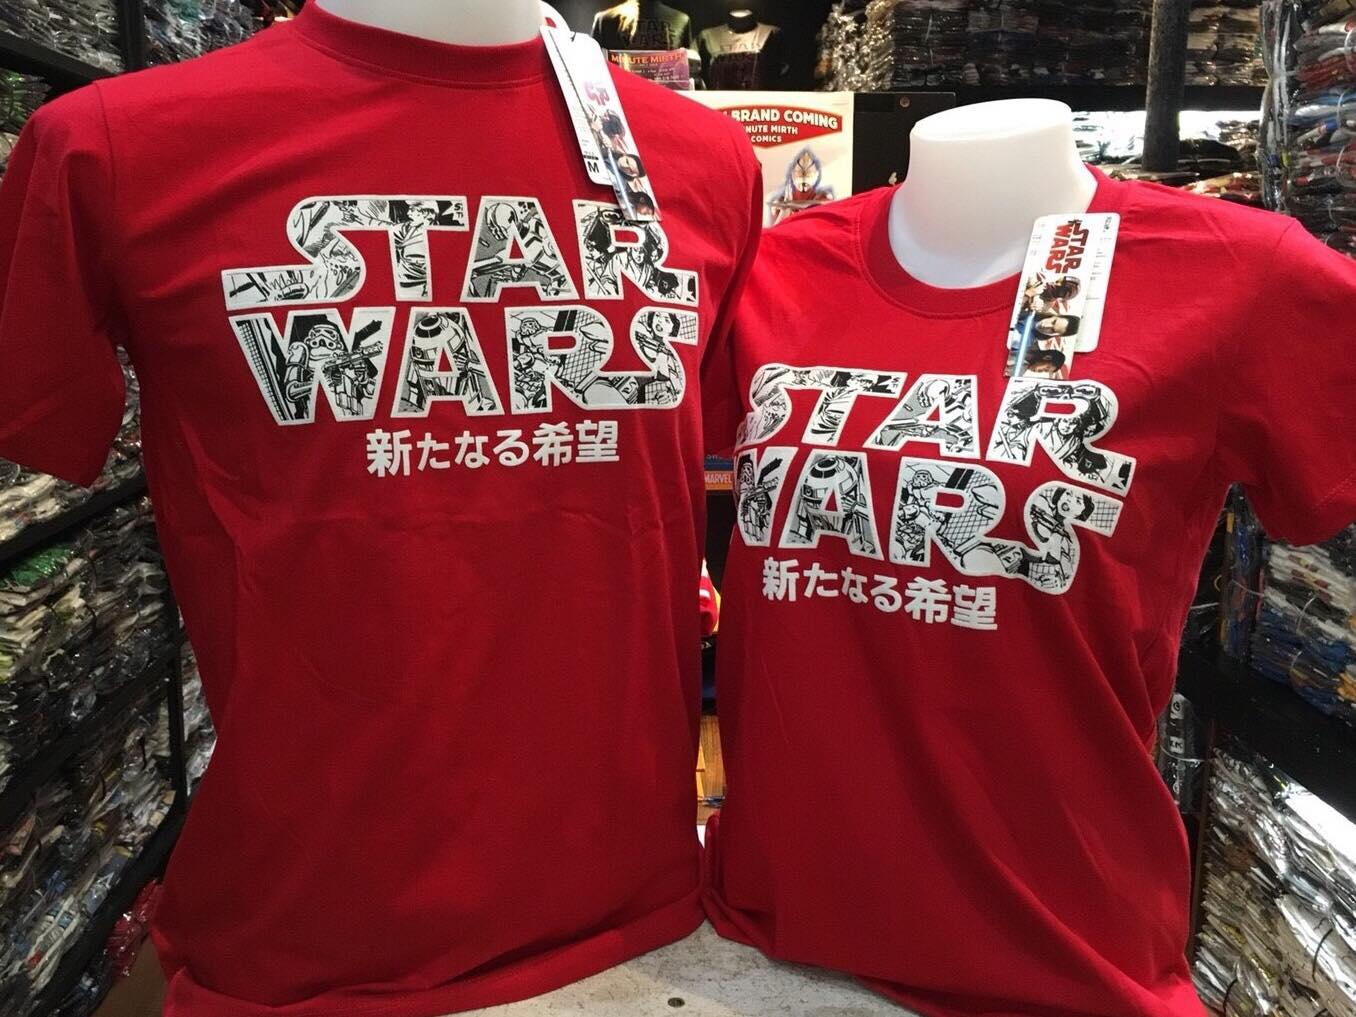 สตาร์วอร์ สีแดง (Starwars red japan CODE:1038)